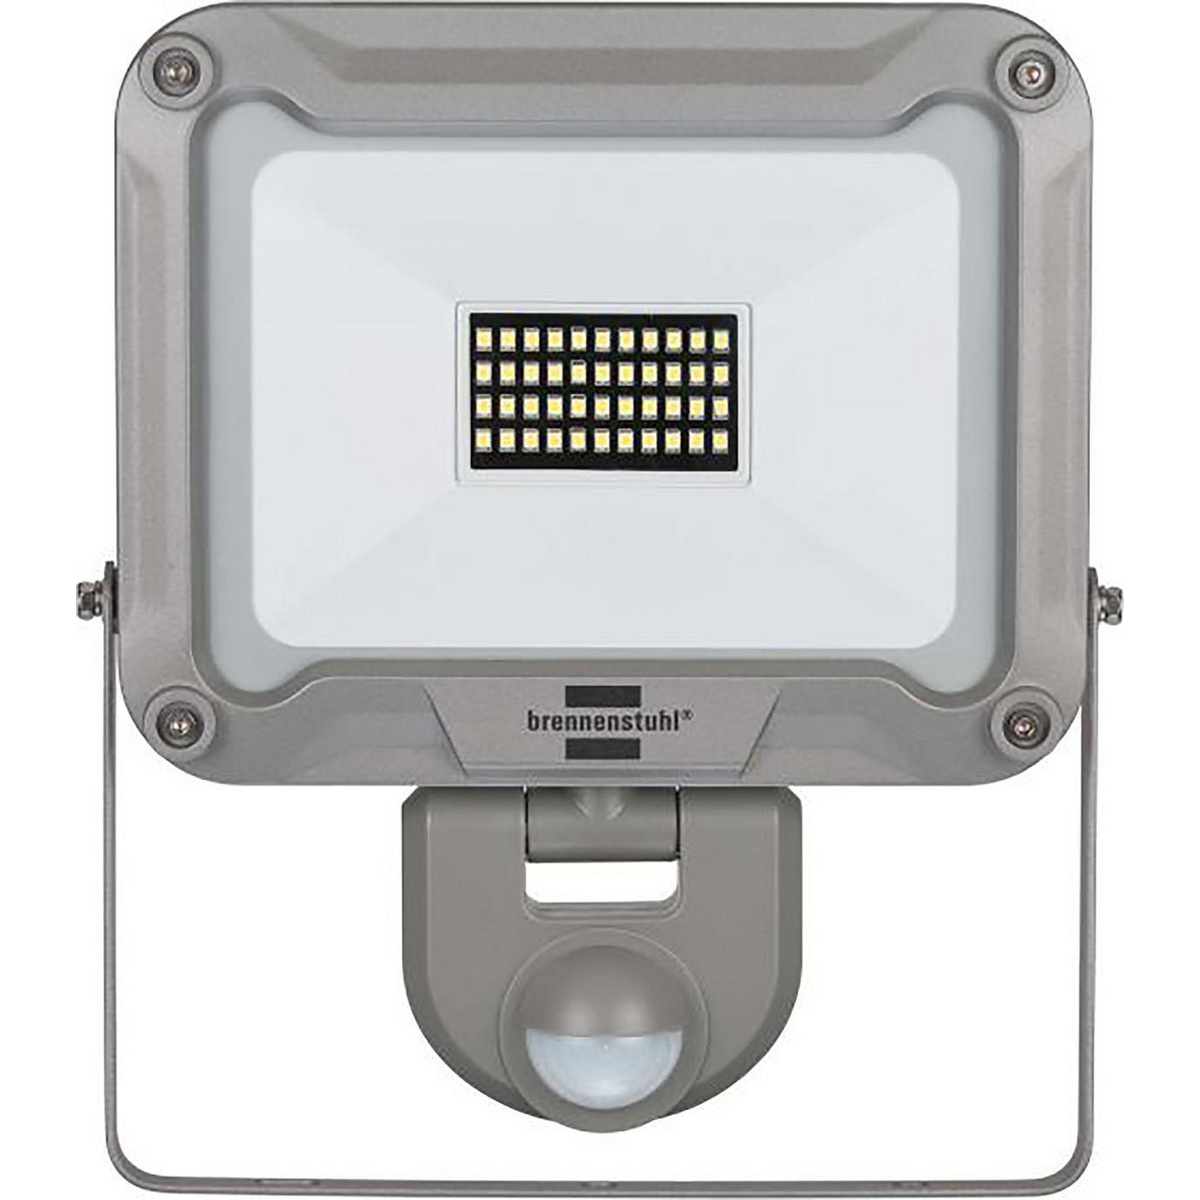 Schlanker LED-Strahler L DN 5630 FL PIR IP 54. Für die Montage im Außen- und Innenbereich, IP 54 LED-Strahler mit 56 ultraklaren SMS-LEDs Ideal zur automatischen Beleuchtung von Eingängen, Einfahrten oder Carports sowie zur Abschreckung gegen Einbruch und